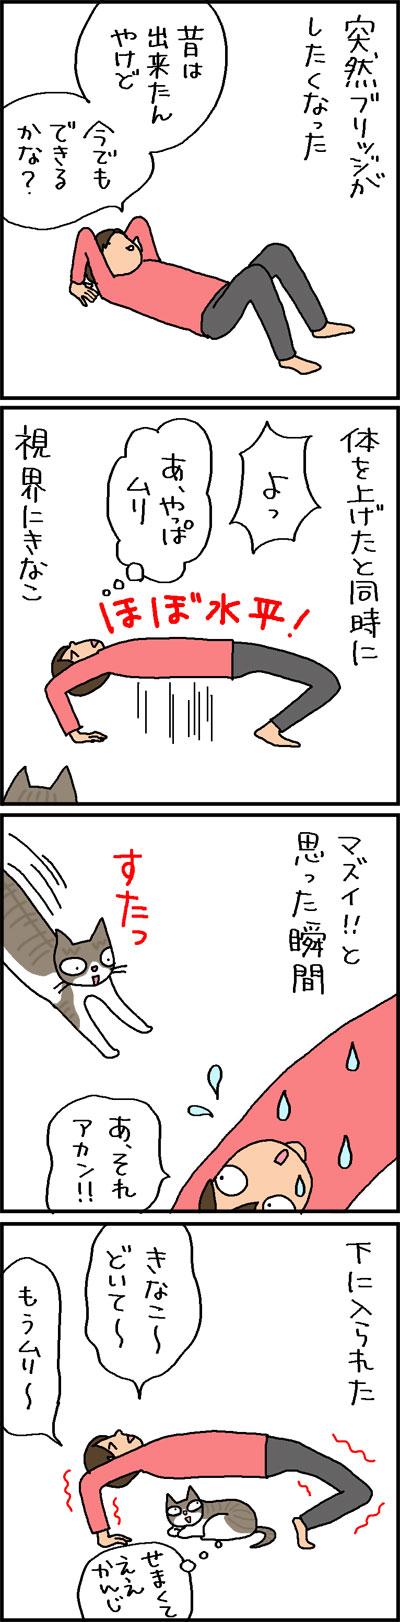 ブリッジに入る猫の4コマネコ漫画